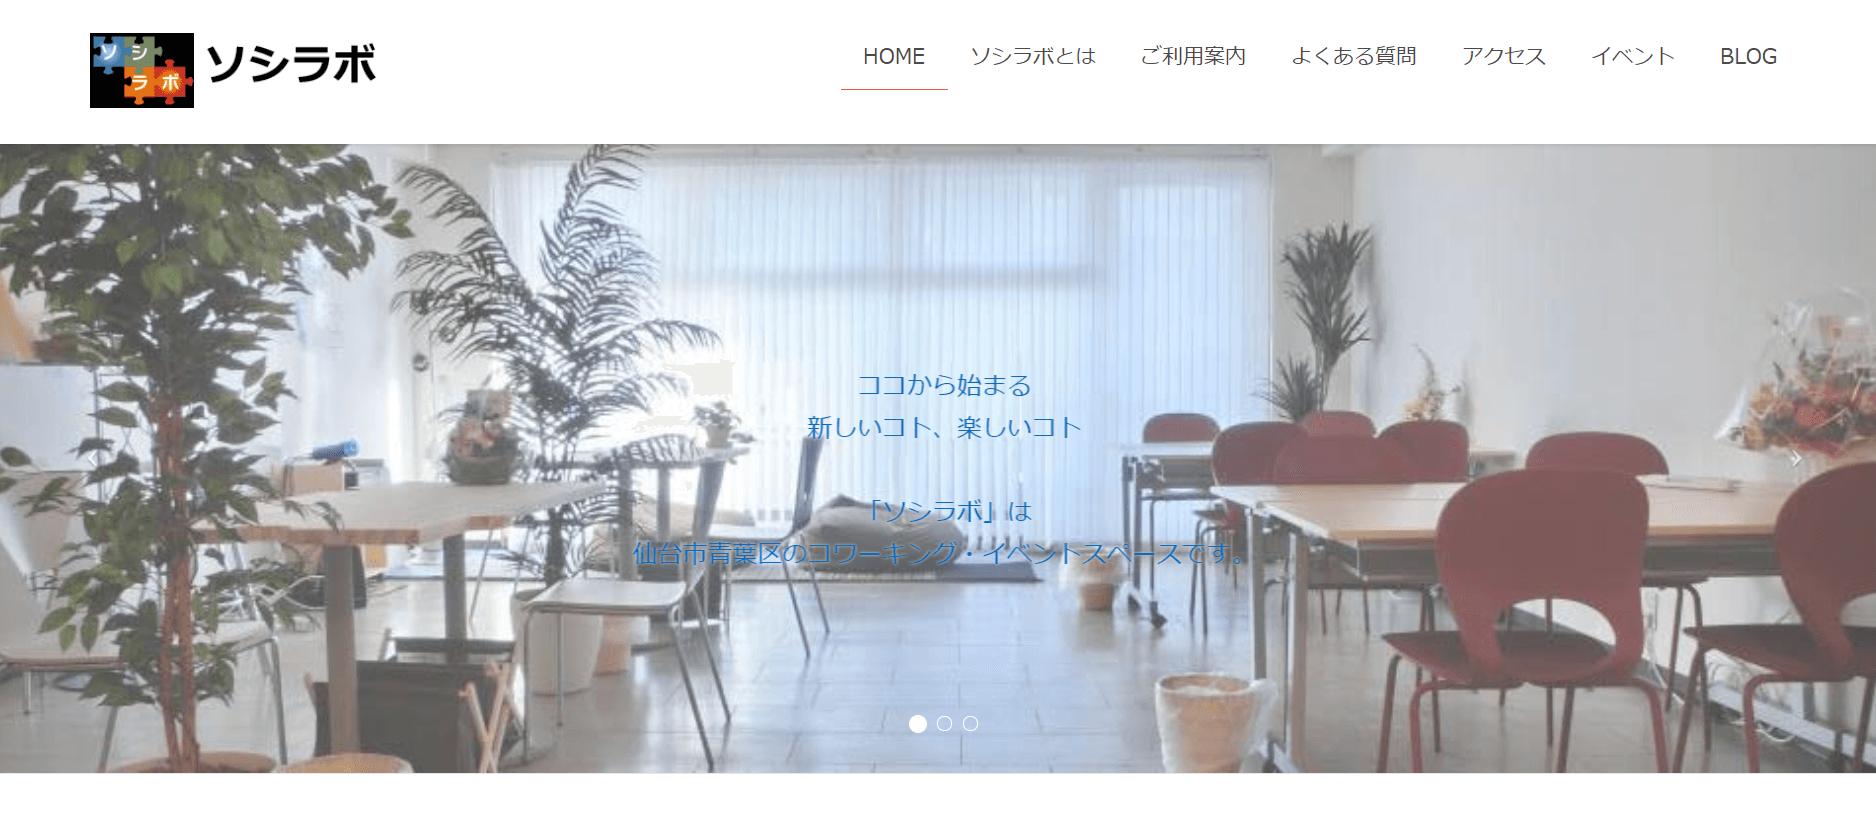 仙台市青葉区にある人気・おすすめの格安コワーキングスペース socilabo/ソシラボ